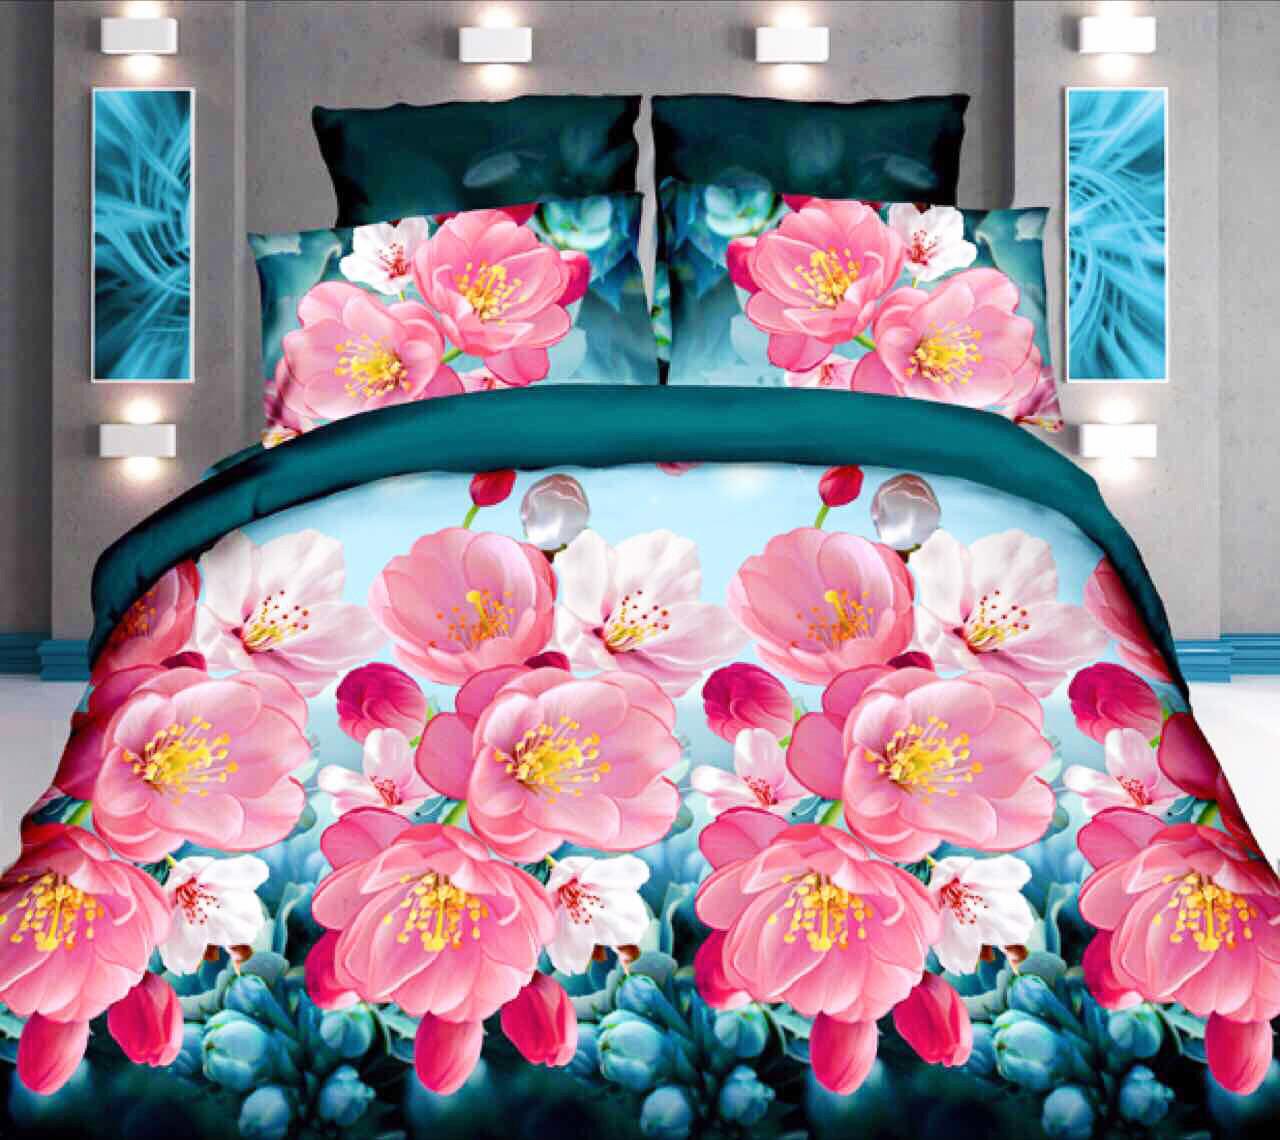 Комплект постельного белья от украинского производителя Polycotton Двуспальный T-90917